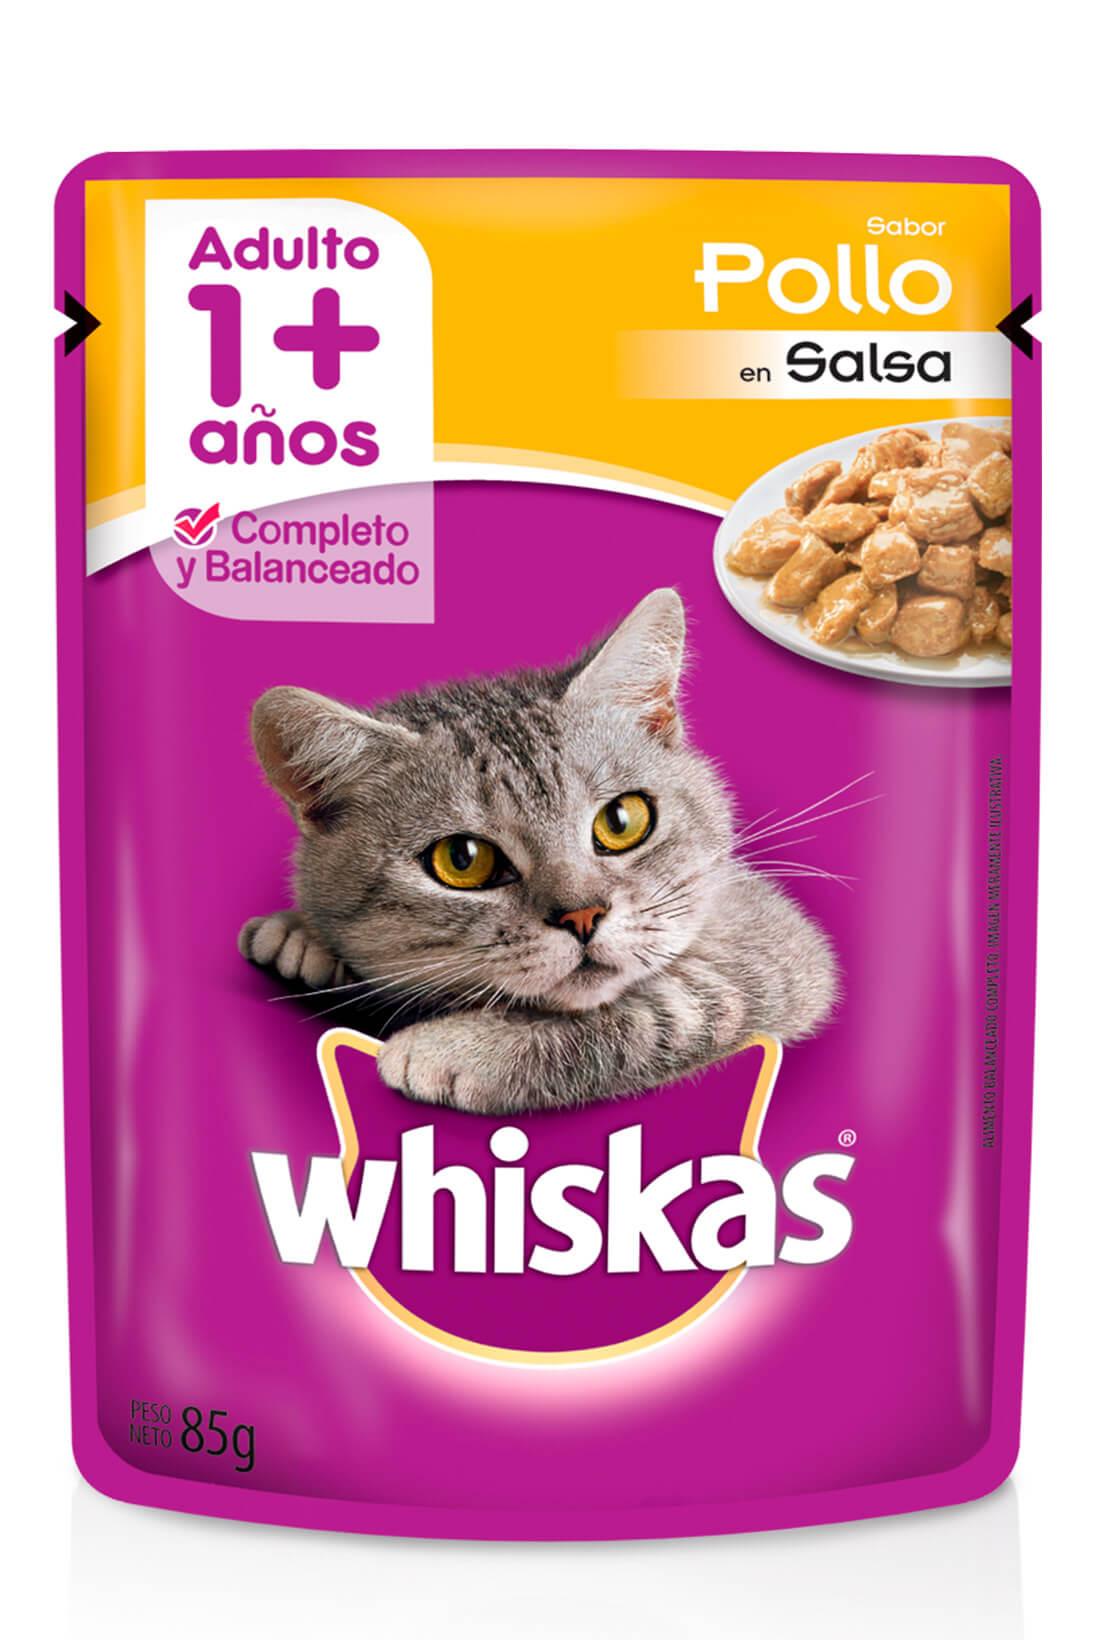 Whiskas sobrecito adulto pollo en salsa